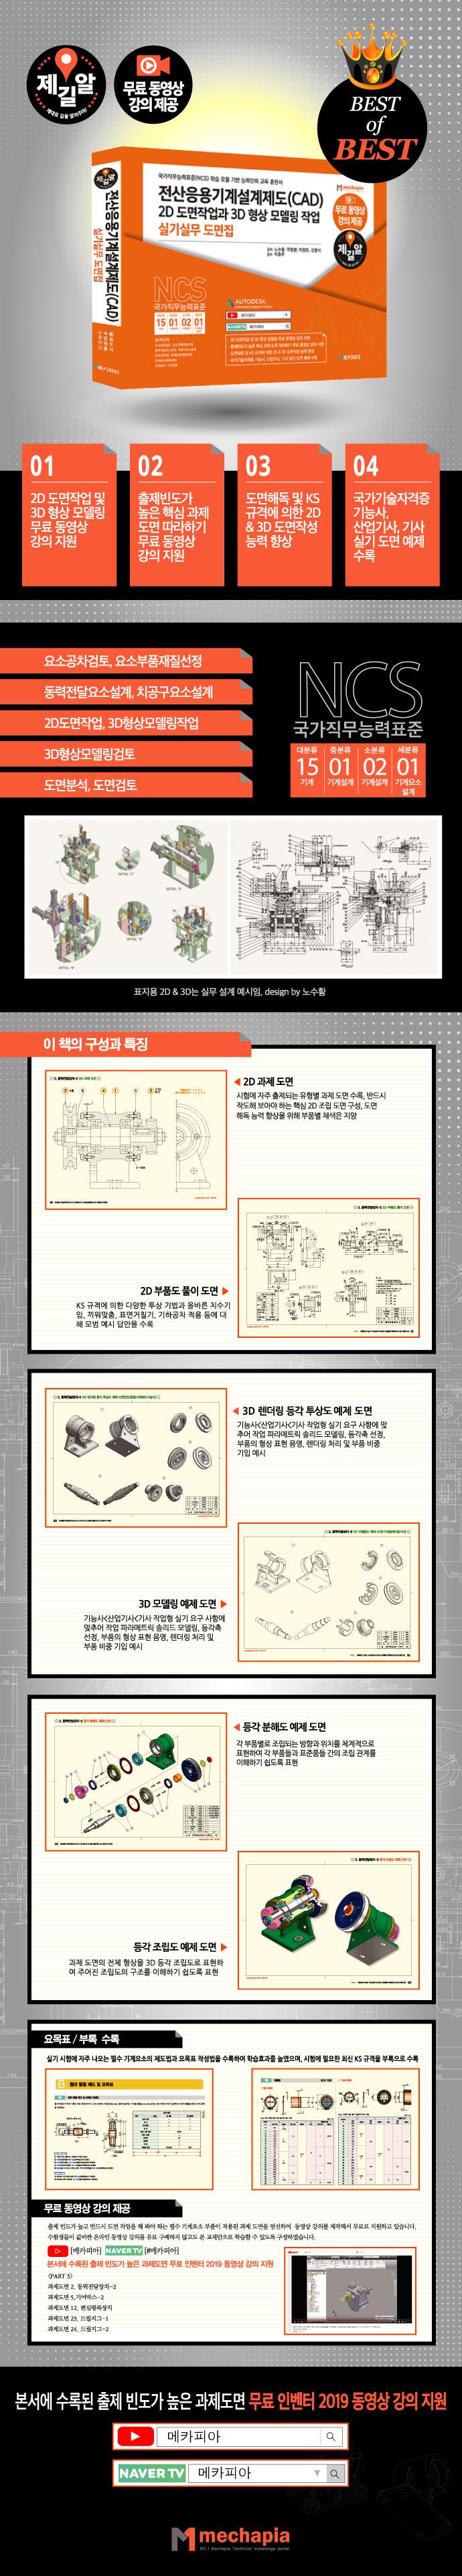 전산응용기계설계제도(CAD) 2D 도면작업과 3D 형상 모델링 작업: 실기실무 도면집 도서 상세이미지